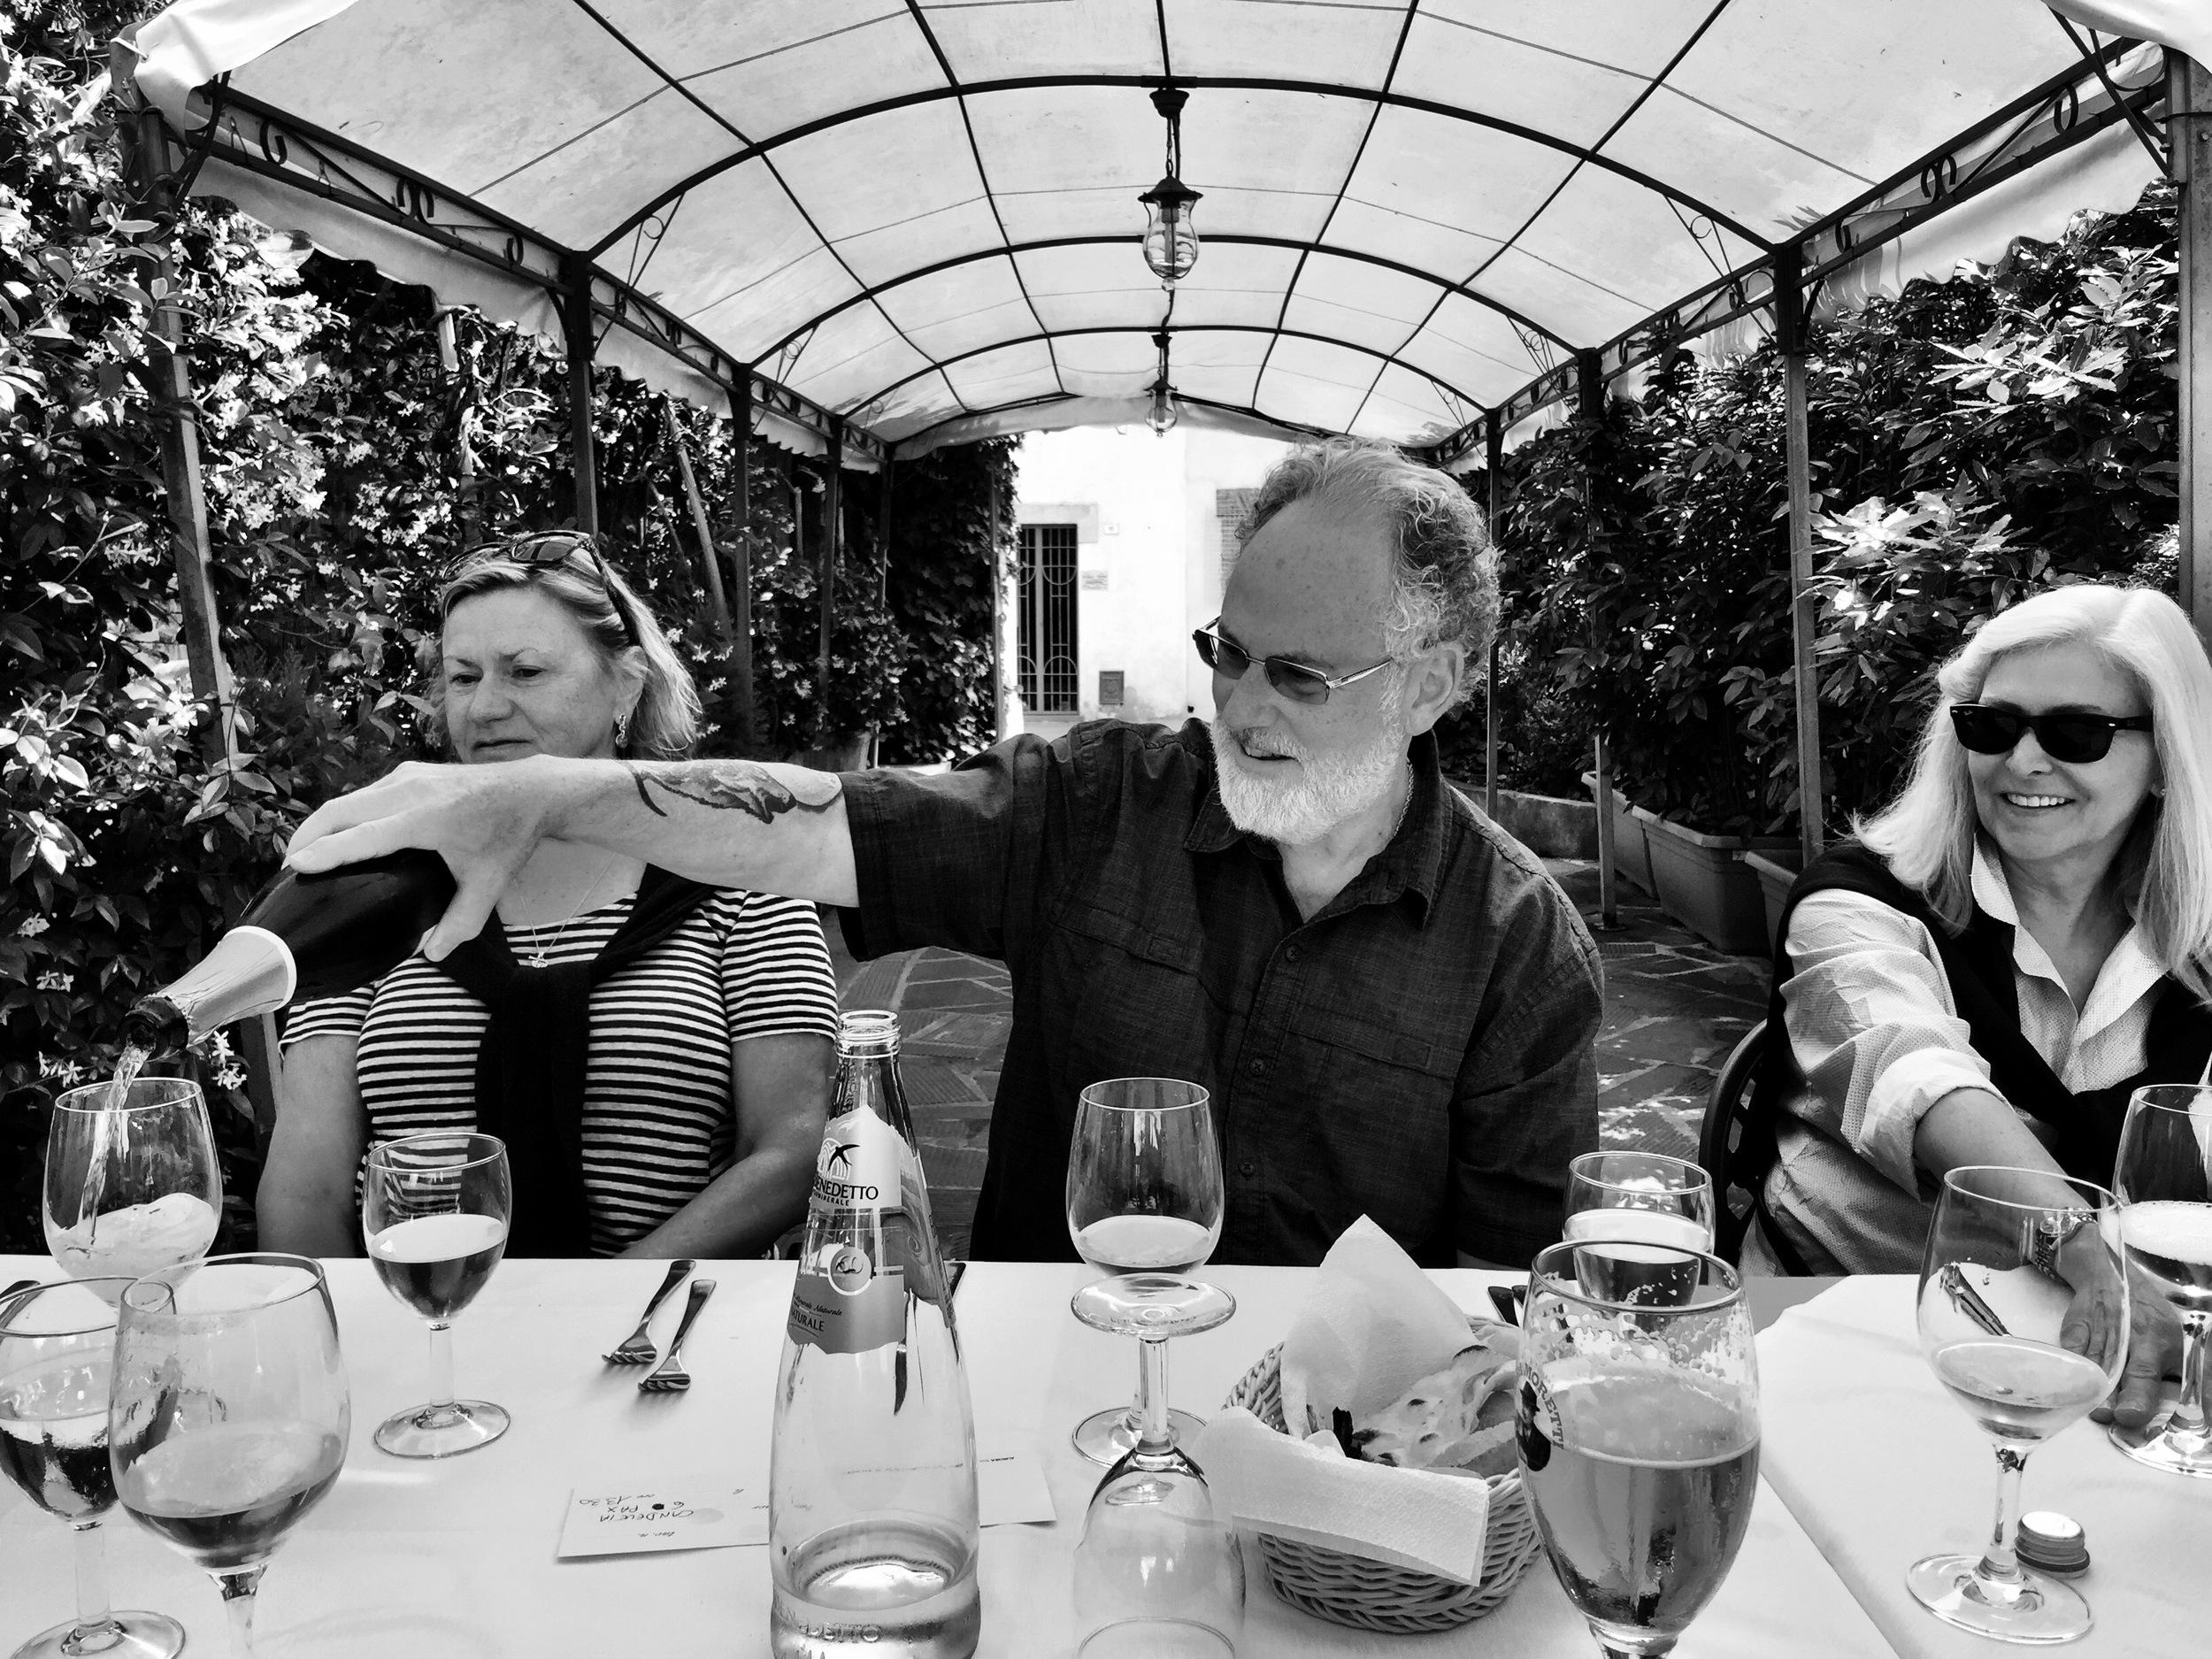 Martha, Philip and Rebecca at the Ristorante La Cantina at Castiglione de Lago, Umbria